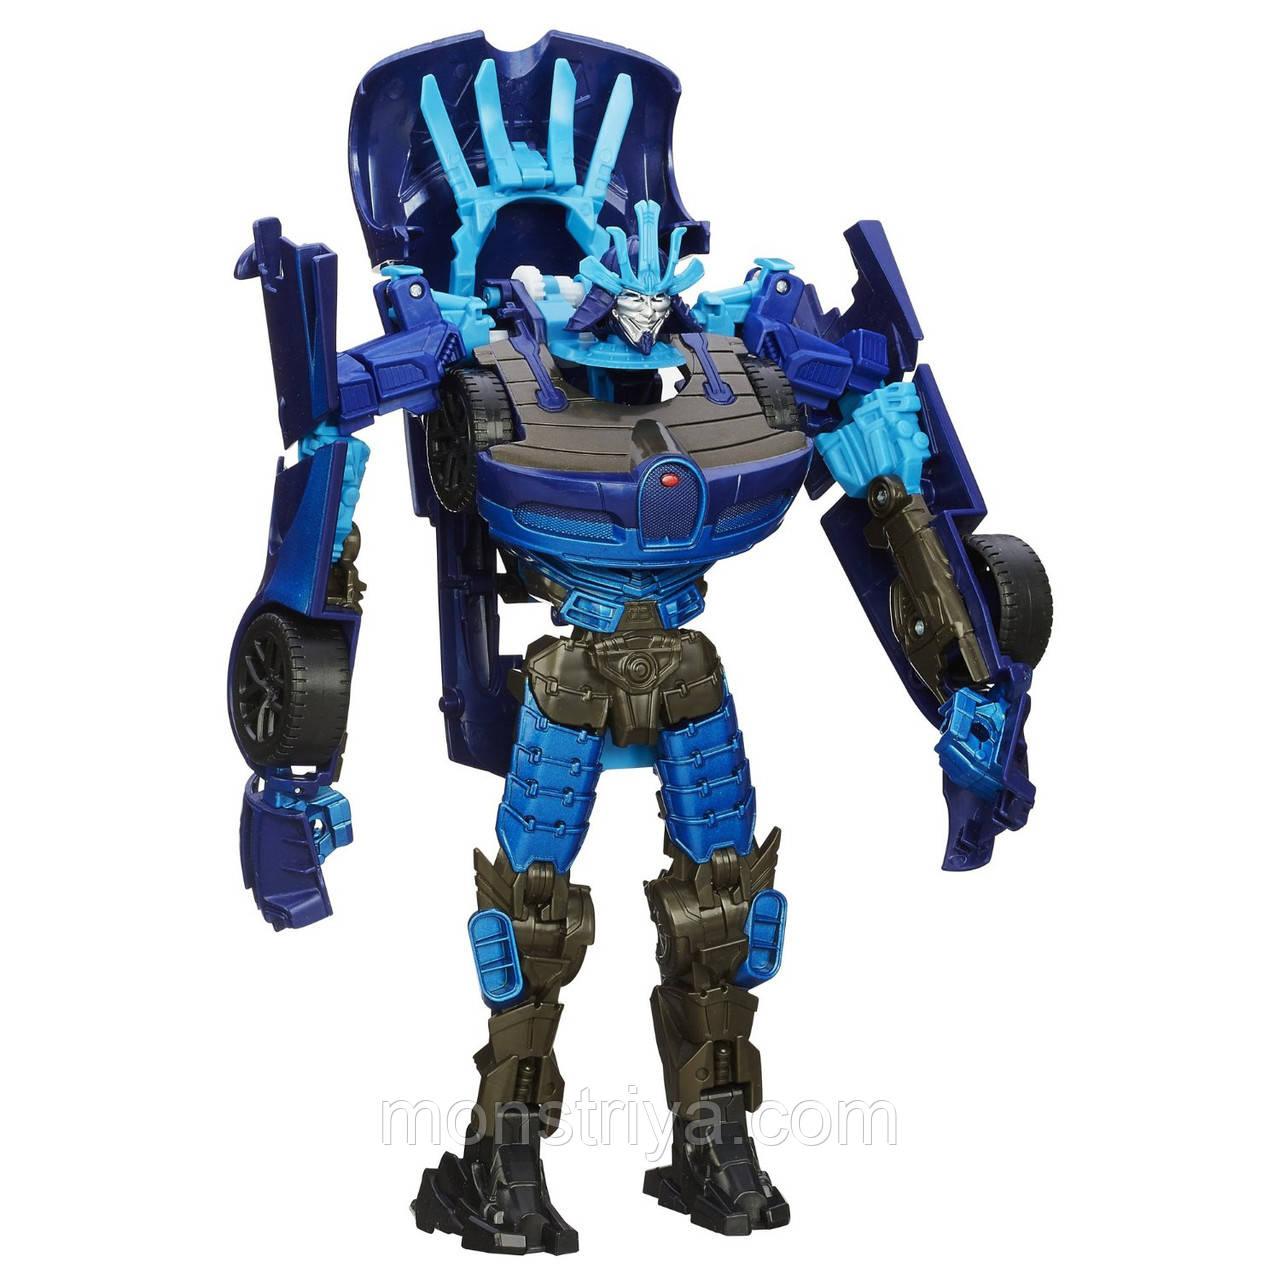 Трансформеры 4 Дрифт .Transformers 4: Age of Extinction Flip and Change Вращай и меняй! Autobot Drift